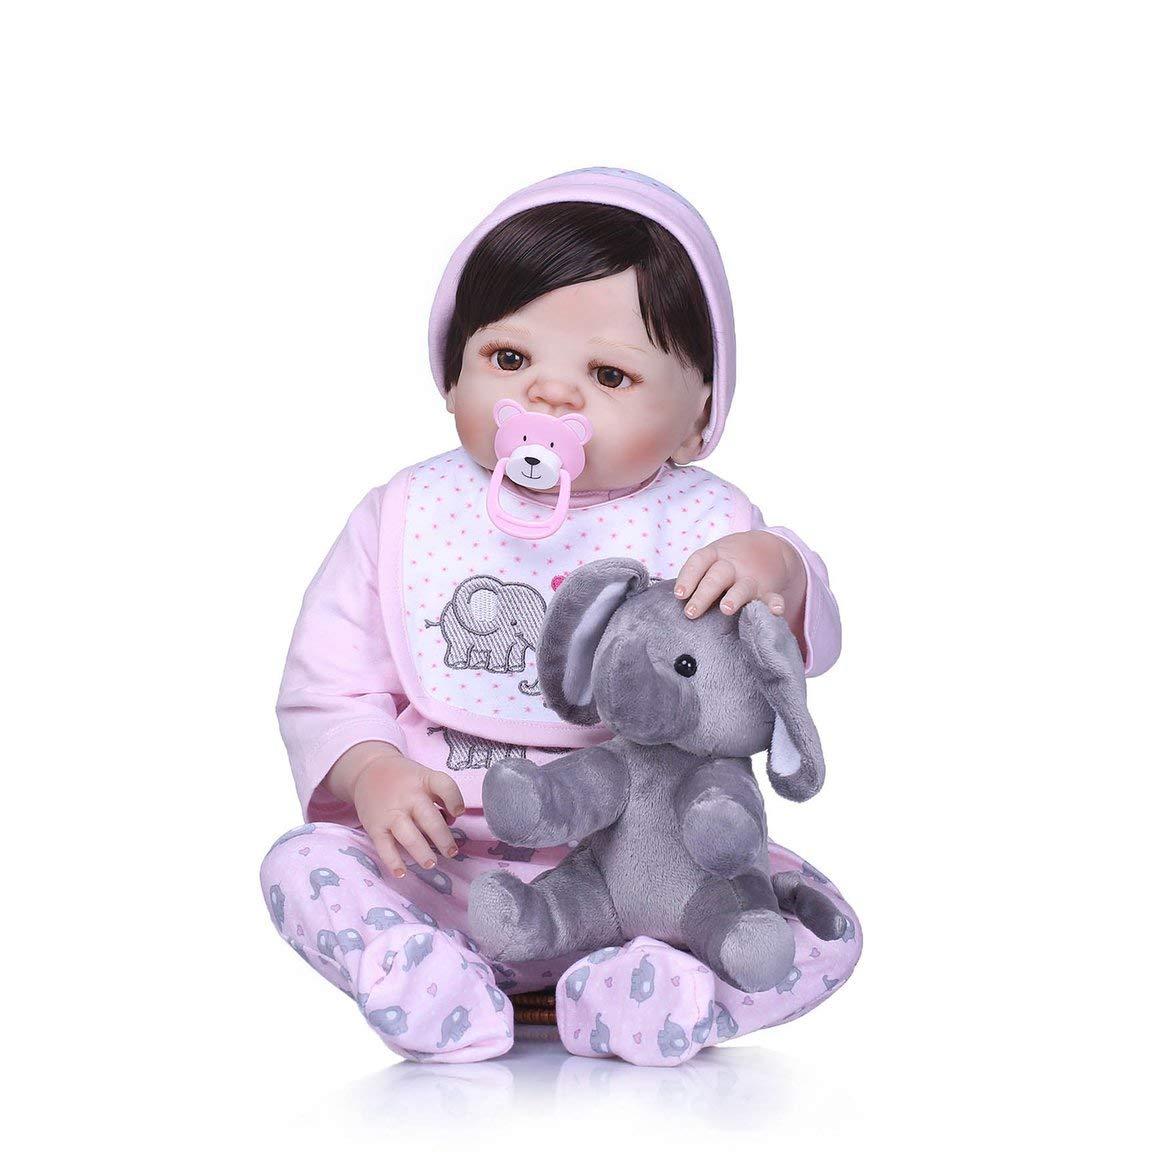 Fantasyworld Linda simulado del Cuerpo del bebé de Silicona Suave del paño Dressing Realista muñeca recién Nacido